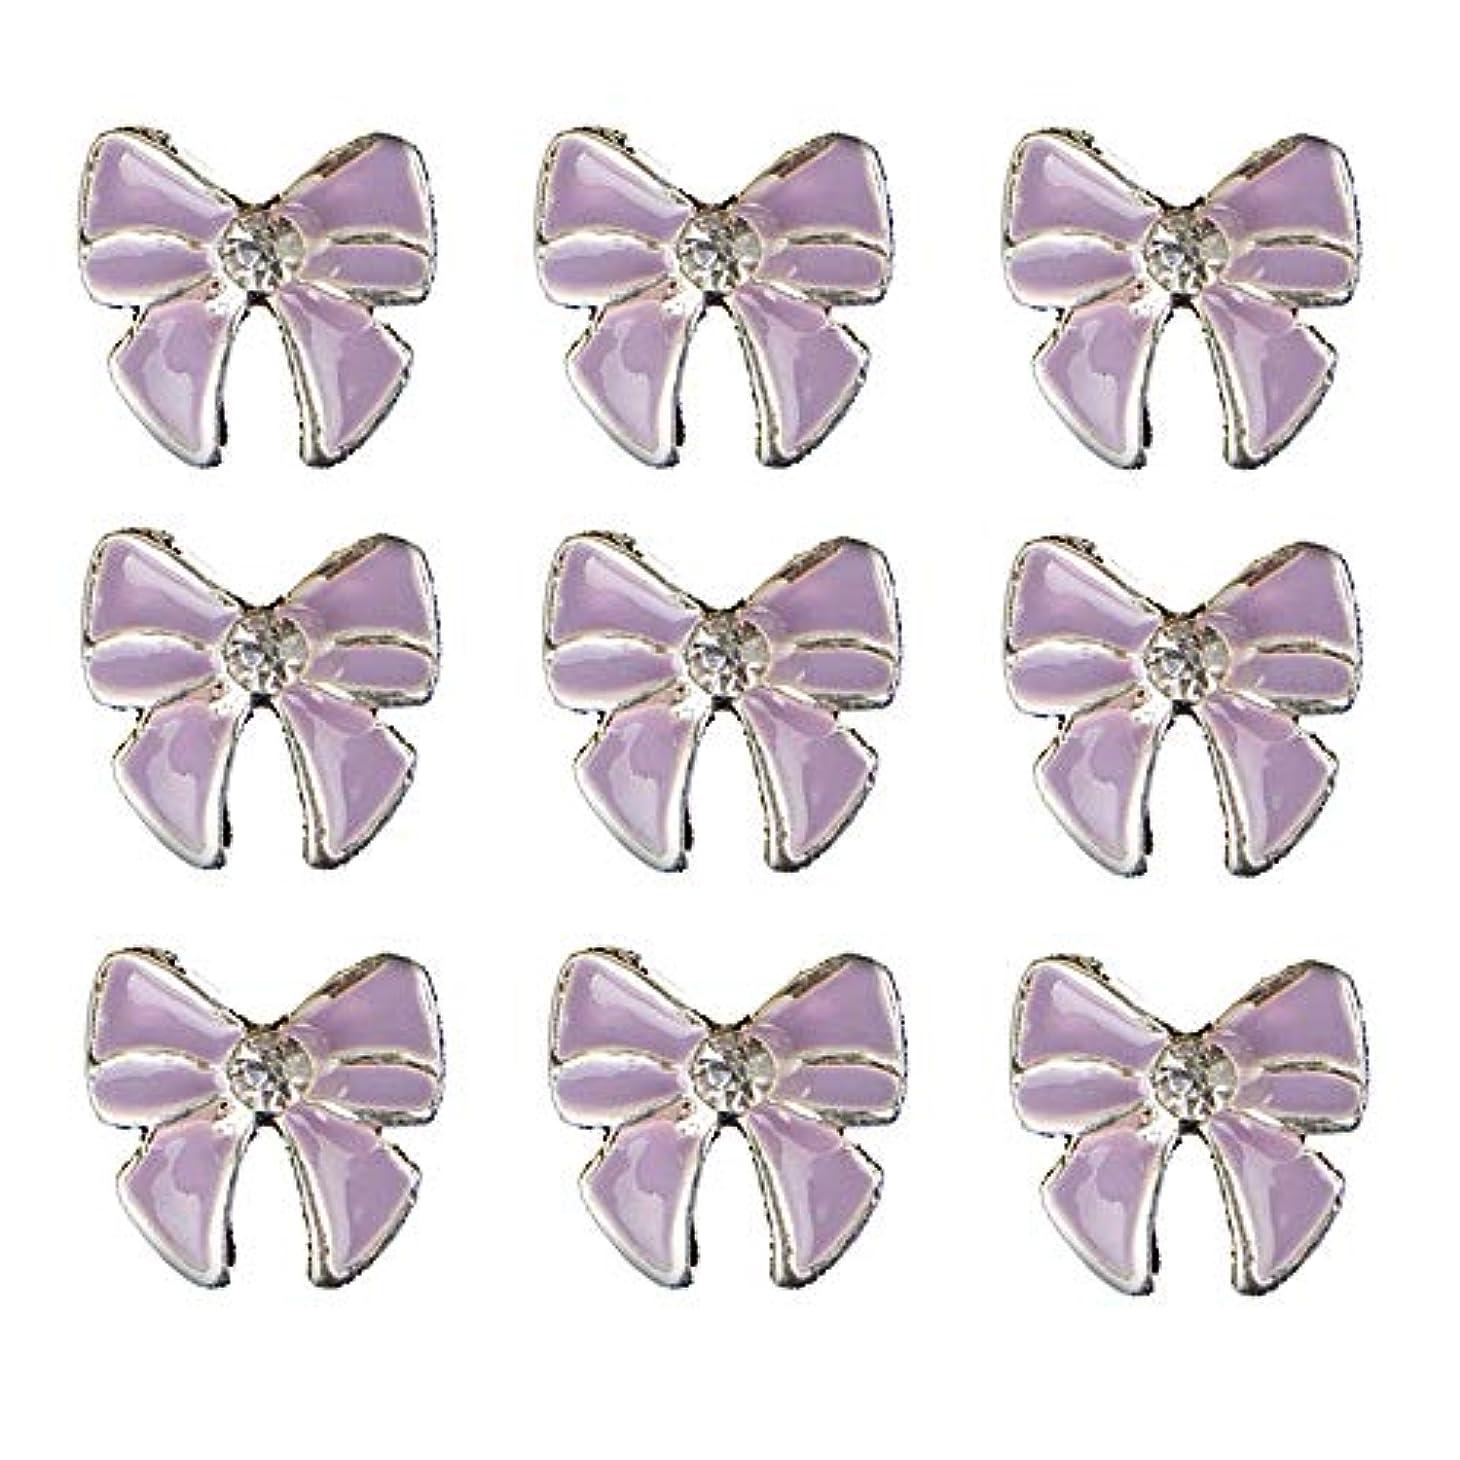 レーダー代わりの画家10個入りの3Dネイル合金デコレーション紫蝶ネクタイのデザイングリッターラインストーンネイルのヒントステッカーネイルツール